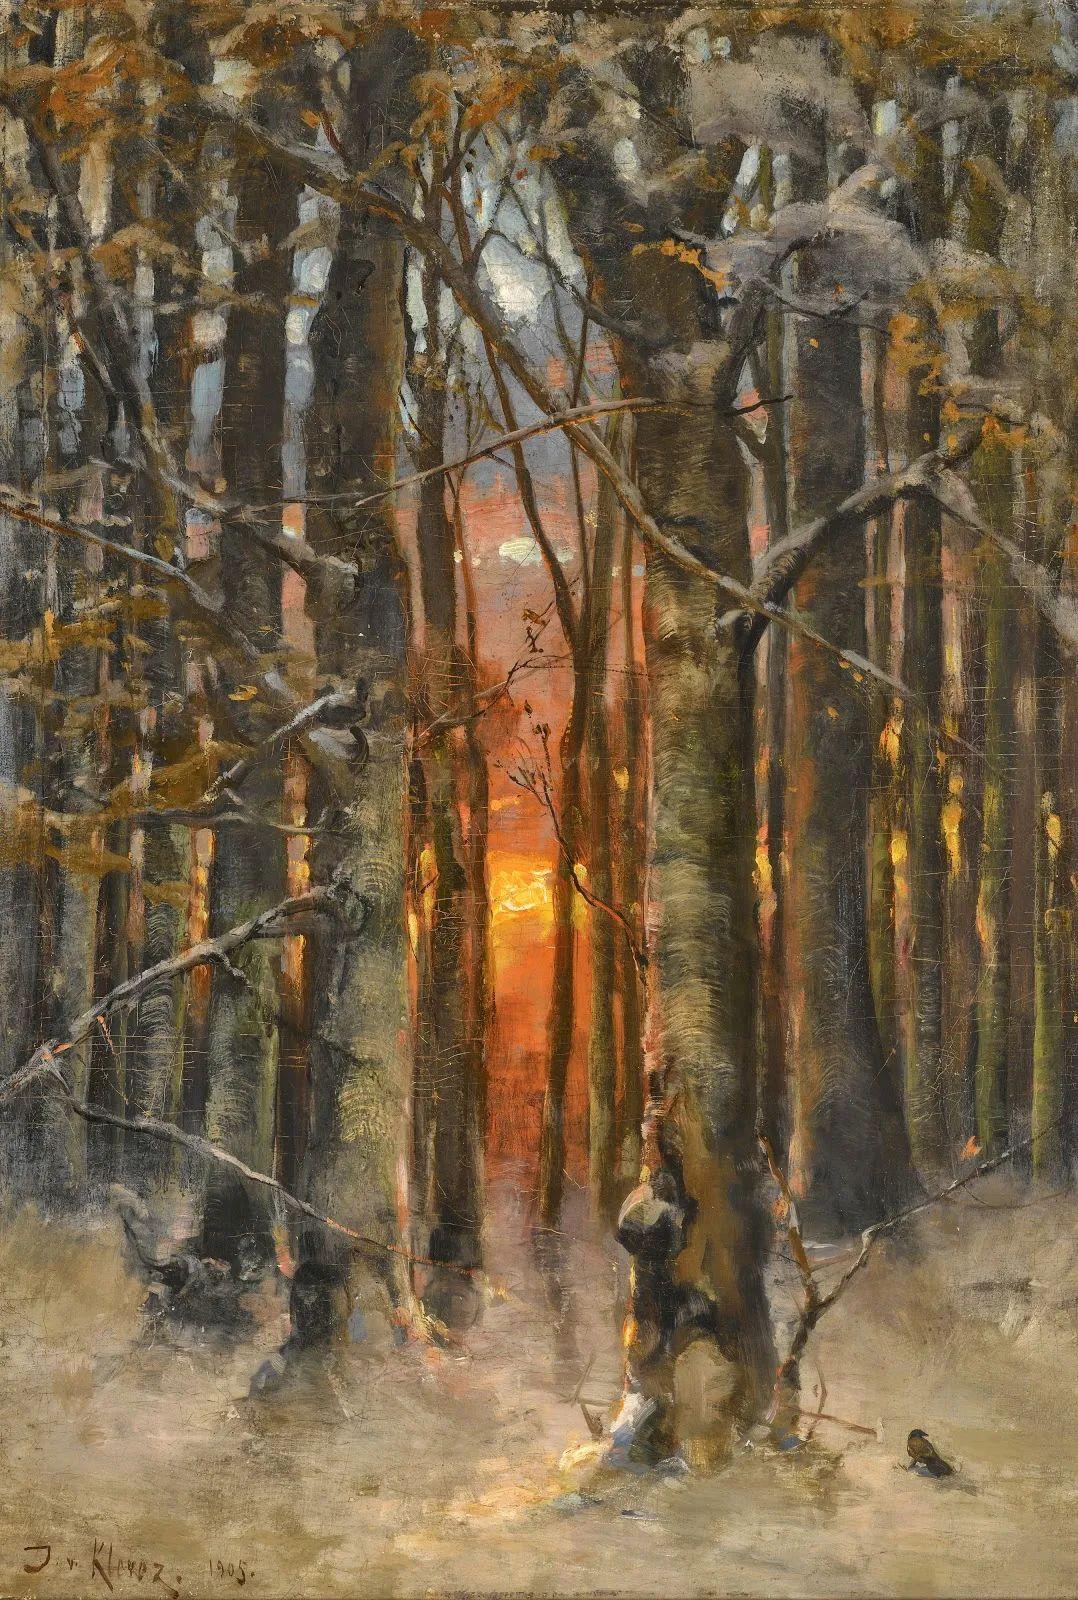 高对比度的美学手法,神秘浪漫的俄罗斯风景!插图47